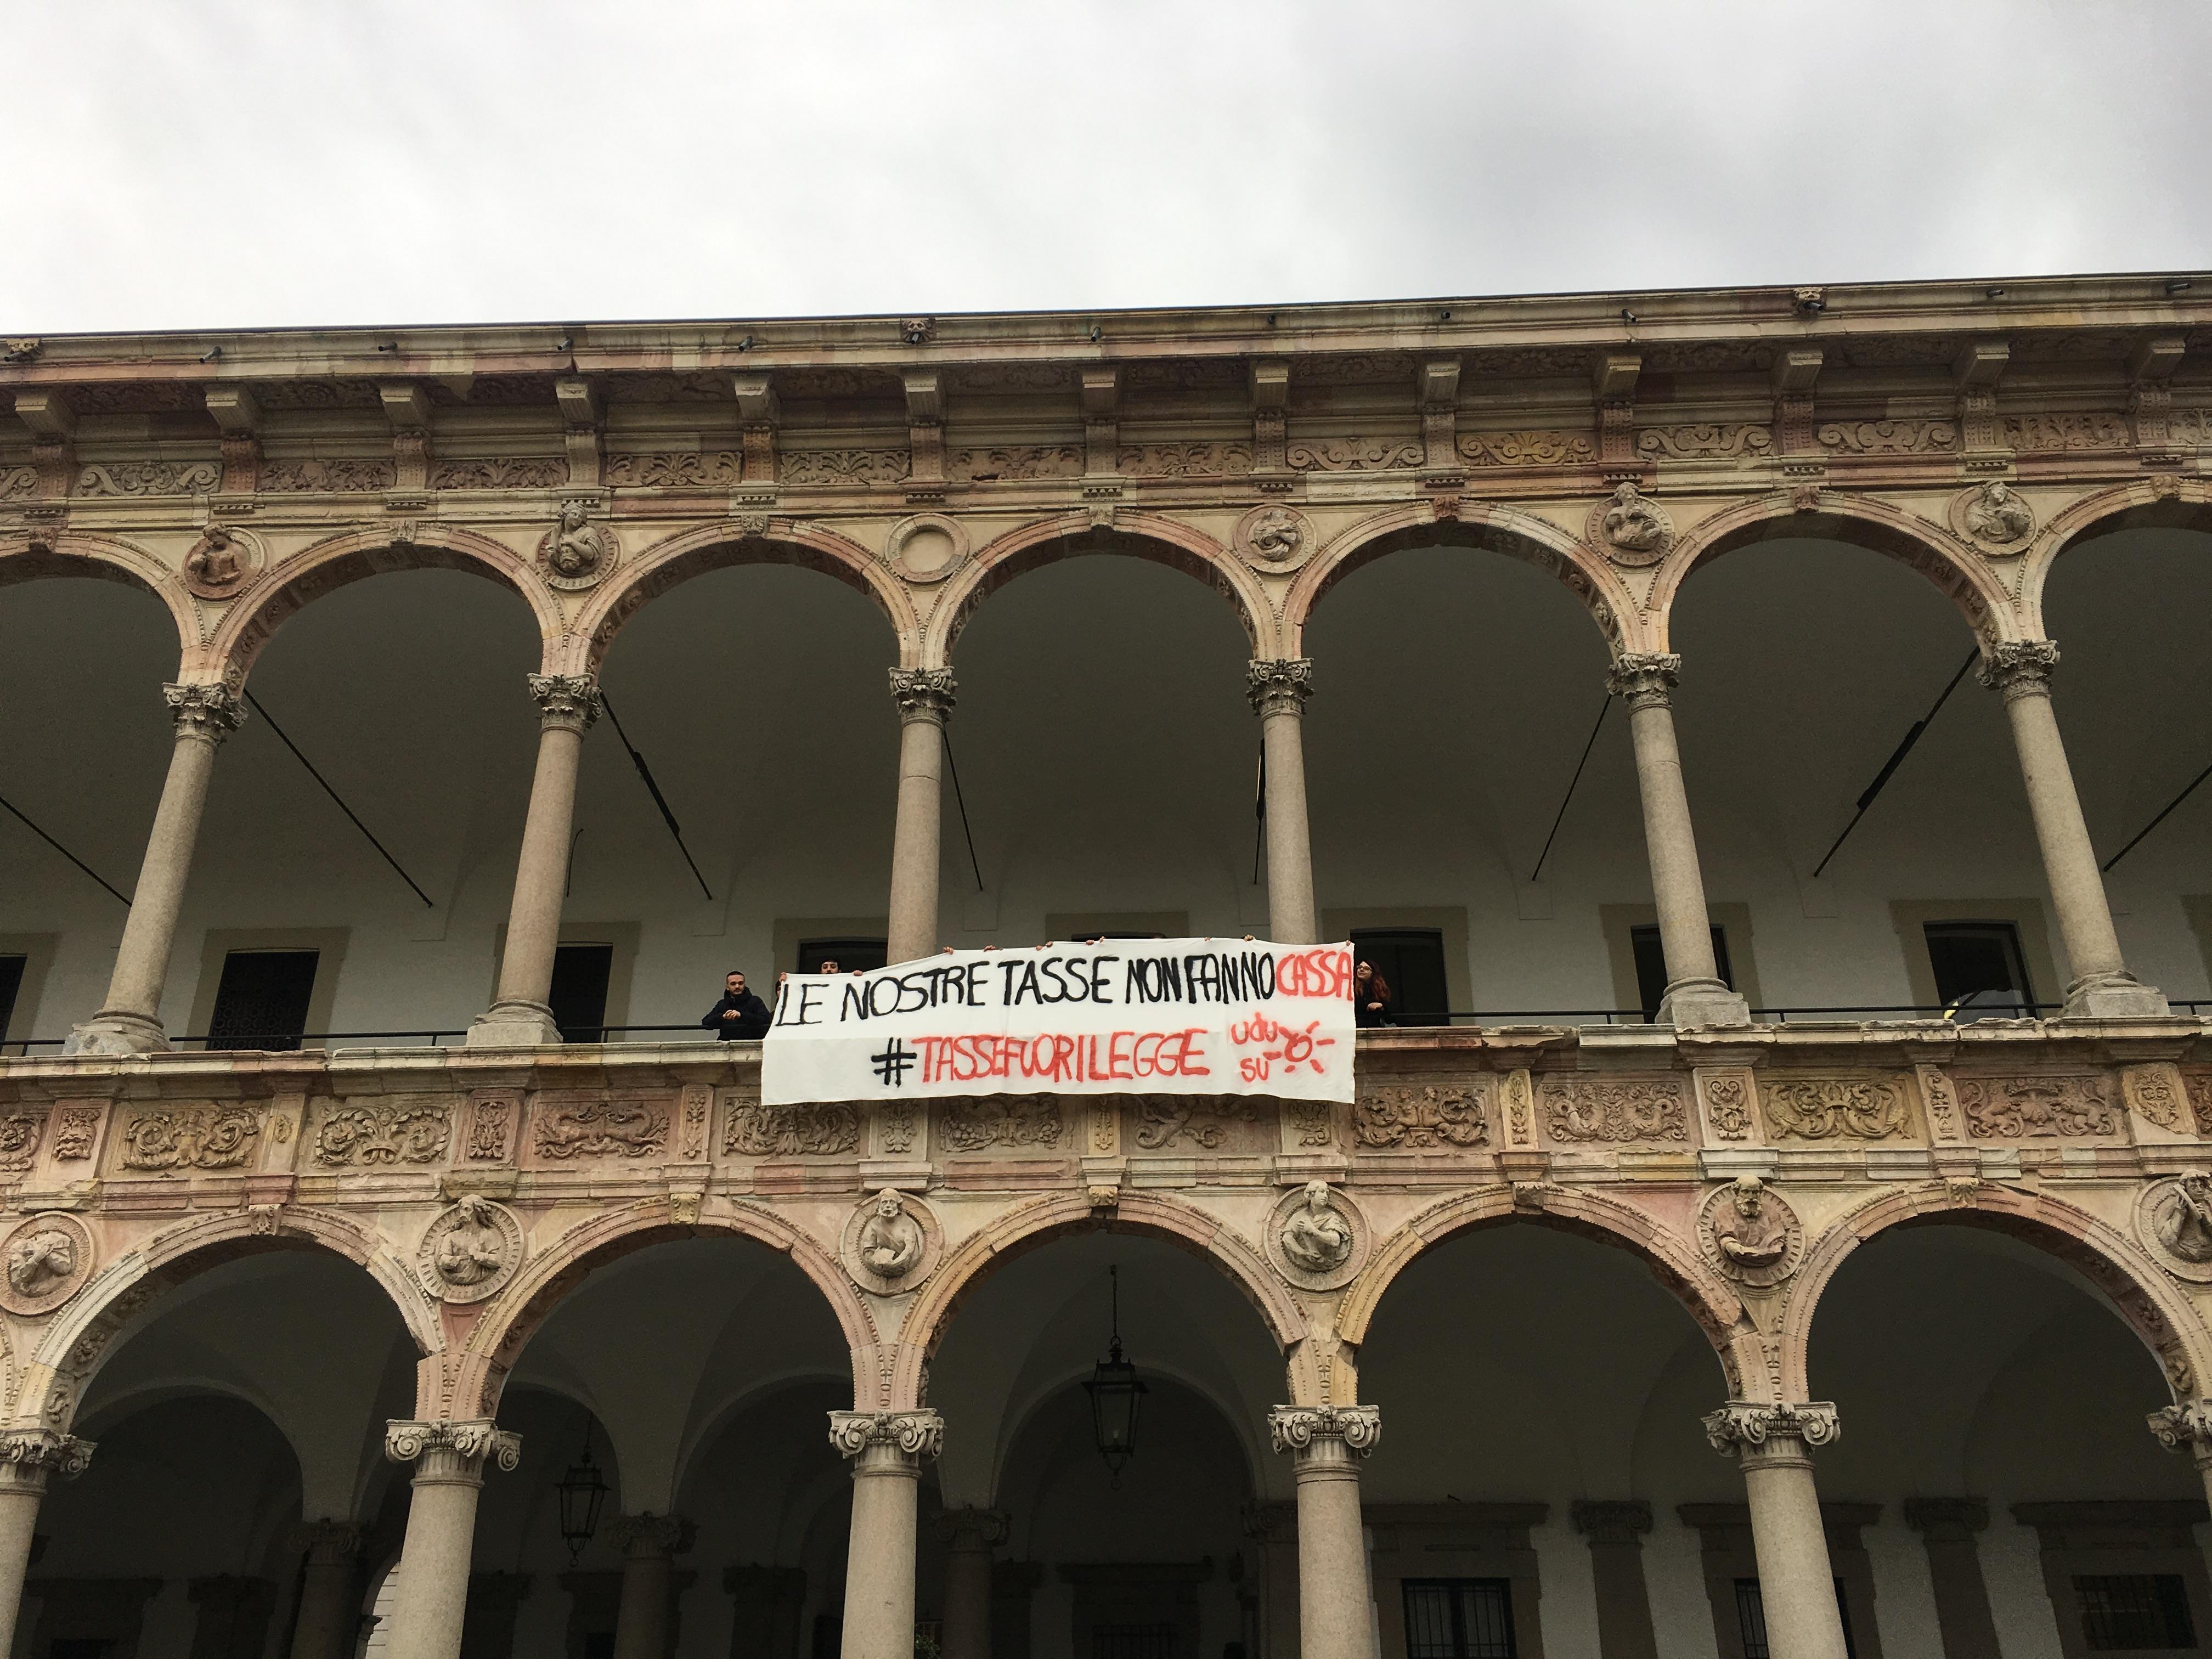 Tasse fuorilegge! Facciamo ricorso contro la Statale di Milano.